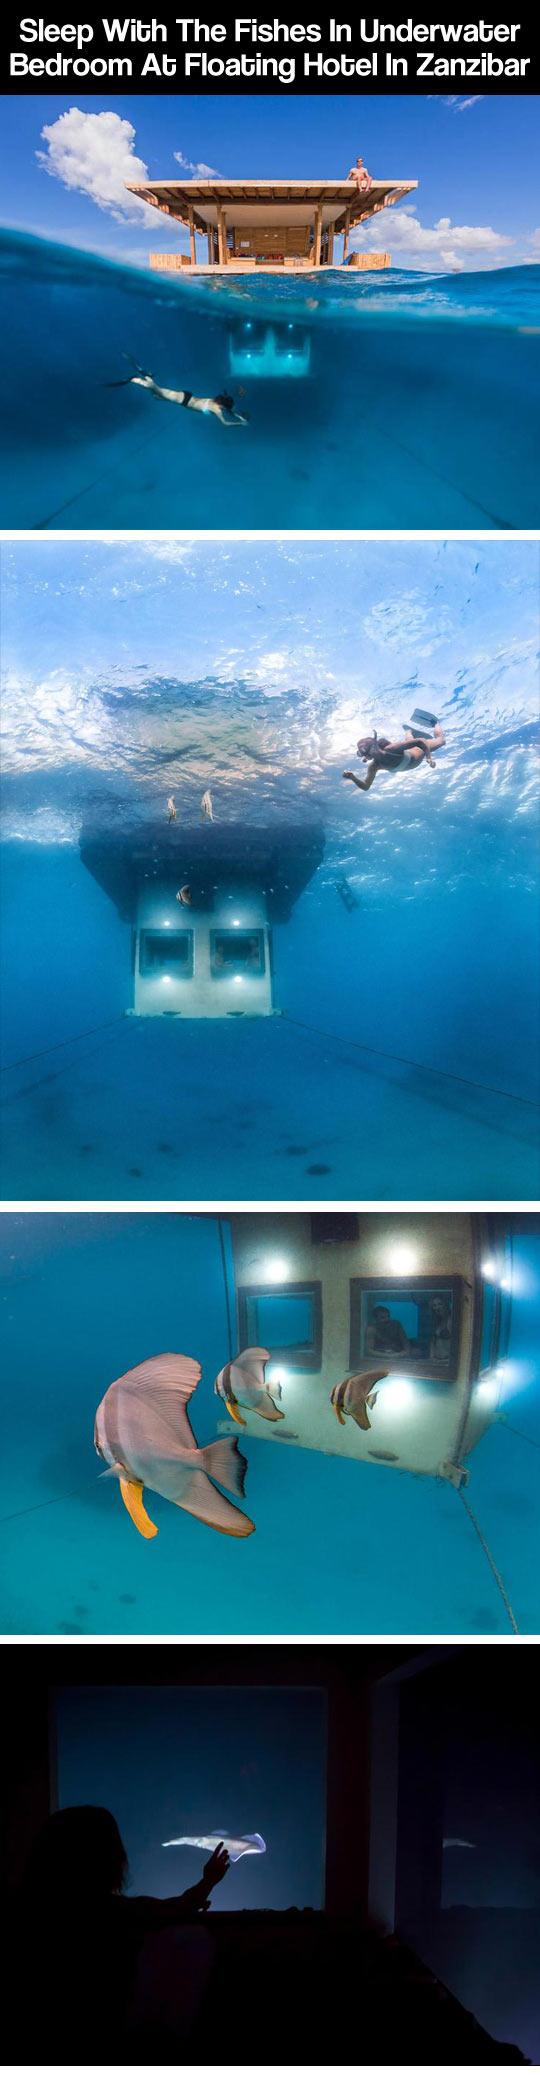 cool-underwater-bedroom-floating-hotel